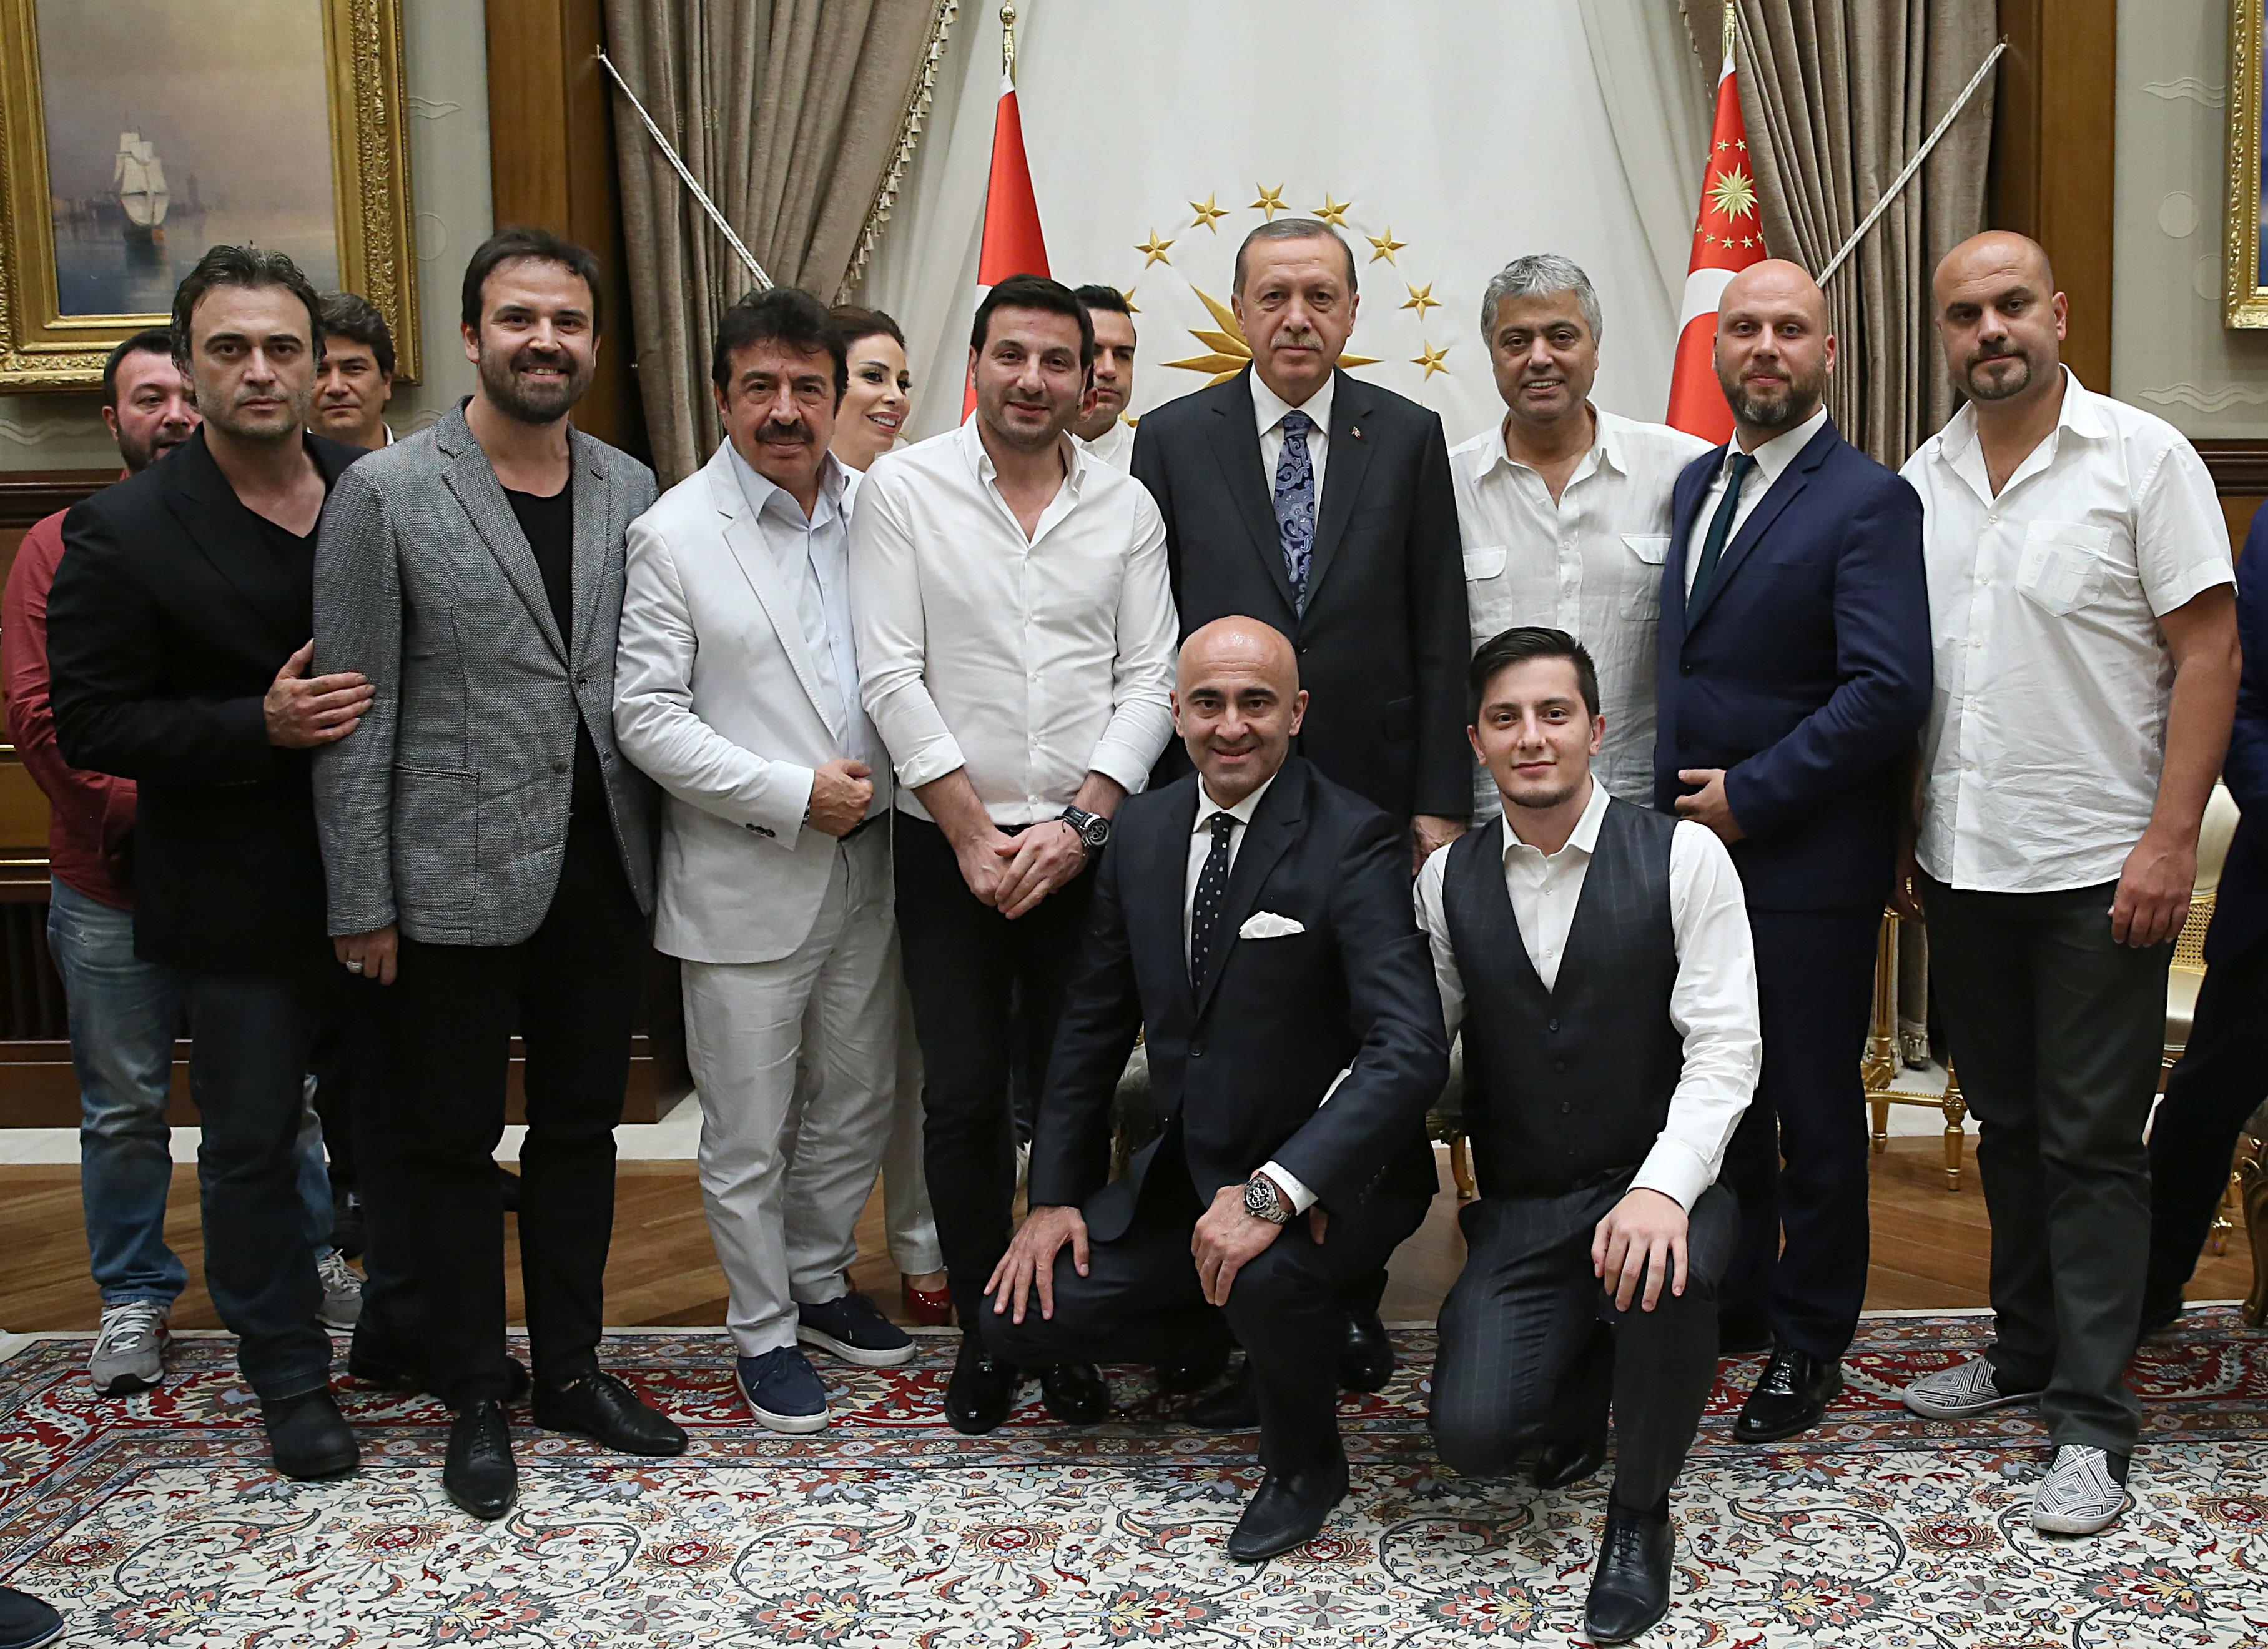 Ünlüler Cumhurbaşkanı Erdoğan ile hatıra fotoğrafı çekildi.